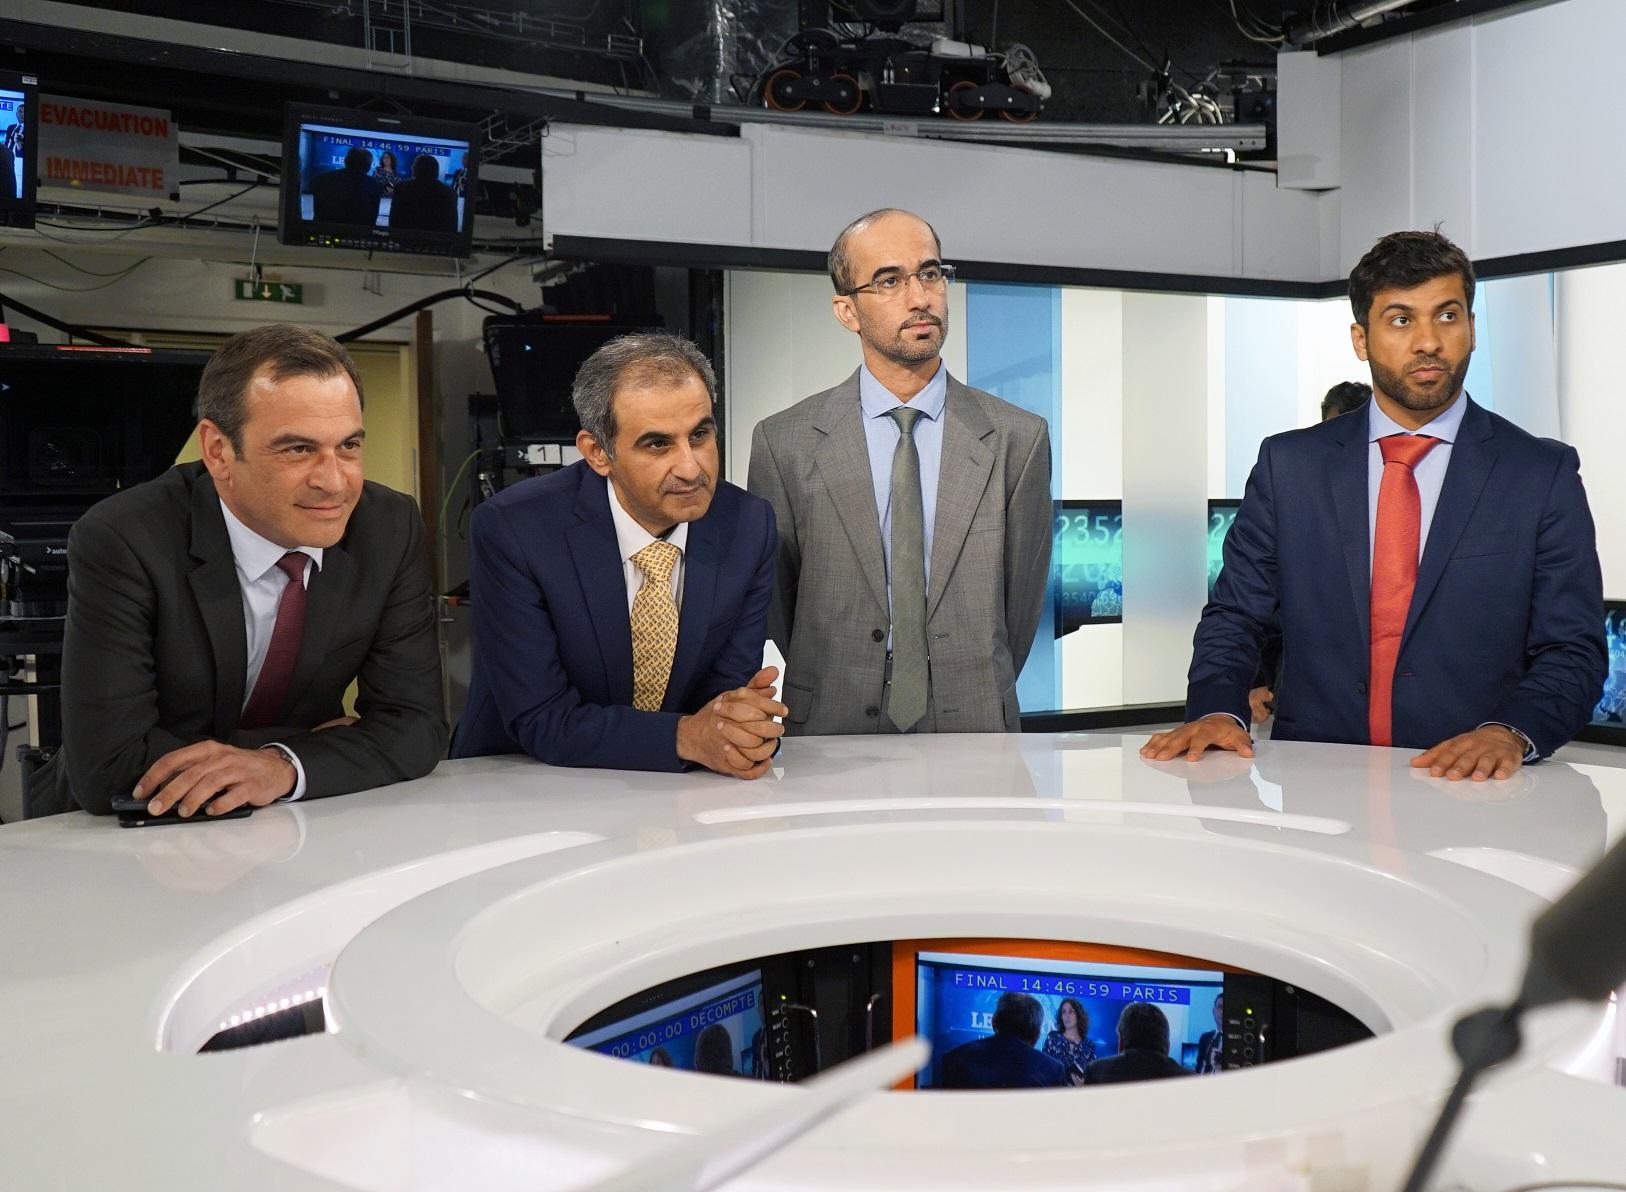 جانب آخر في في قناة tv5